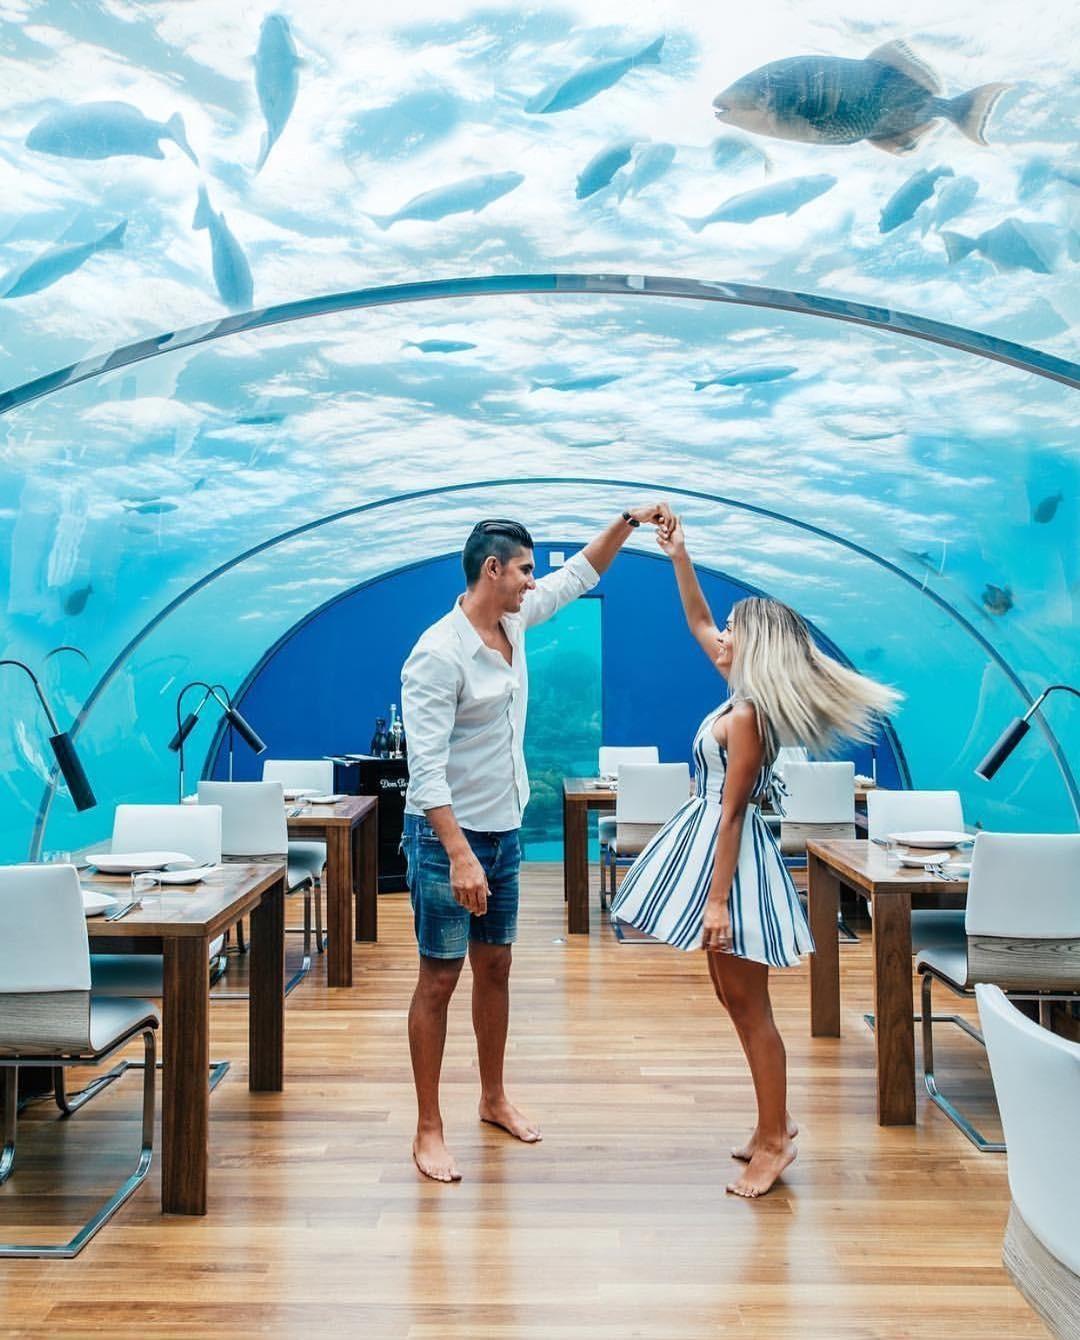 Loá mắt với khách sạn triệu đô dưới đáy biển Ấn Độ Dương mà chỉ giới siêu giàu mới đủ tiền thuê - Ảnh 1.